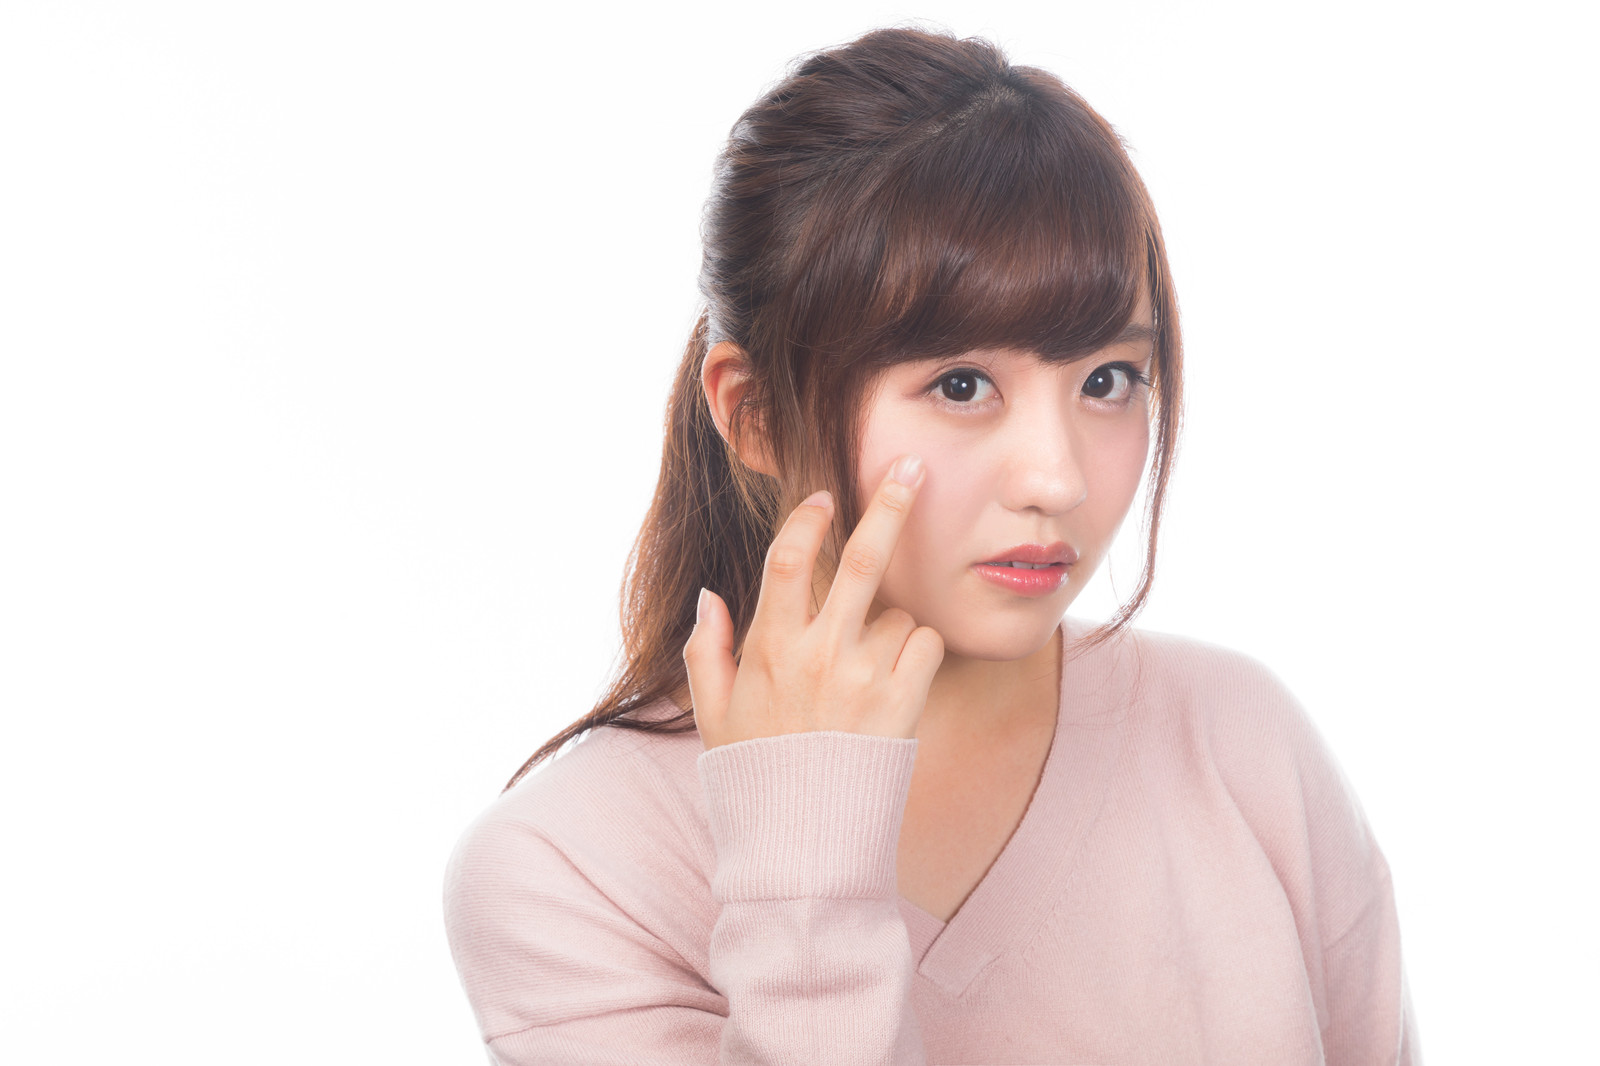 「顔の肌荒れを気にする若い女性顔の肌荒れを気にする若い女性」[モデル:河村友歌]のフリー写真素材を拡大